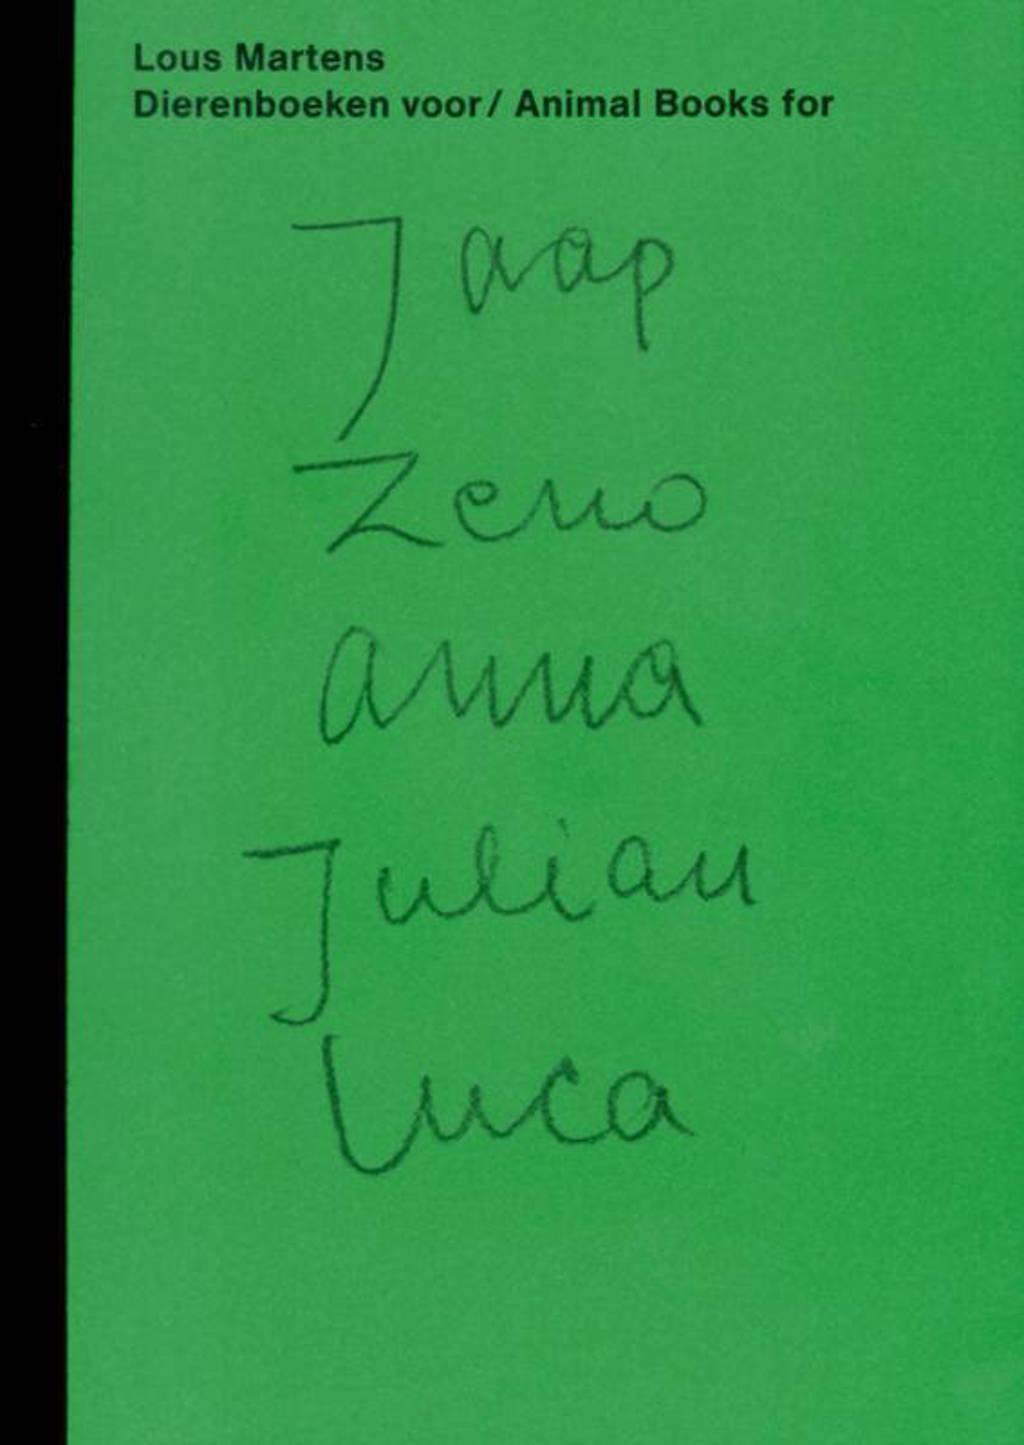 Dierenboeken voor / Animal books for Jaap Zeno Anna Julian Luca - Lous Martens